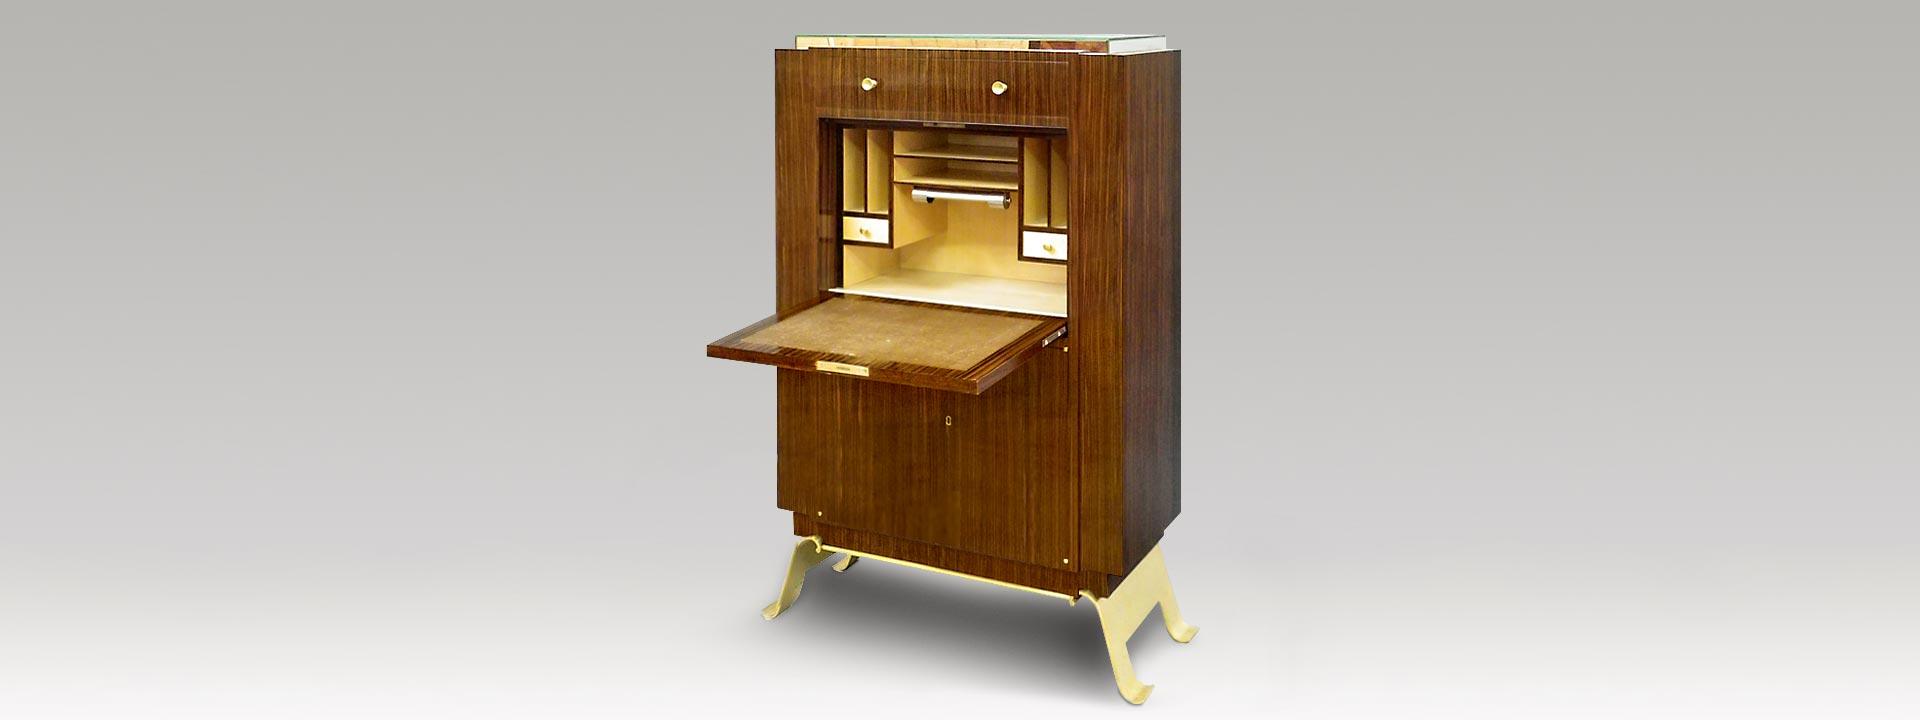 restaurateur b niste de meubles du xxe si cle atelier jean yves le bot camblon saint jean la. Black Bedroom Furniture Sets. Home Design Ideas